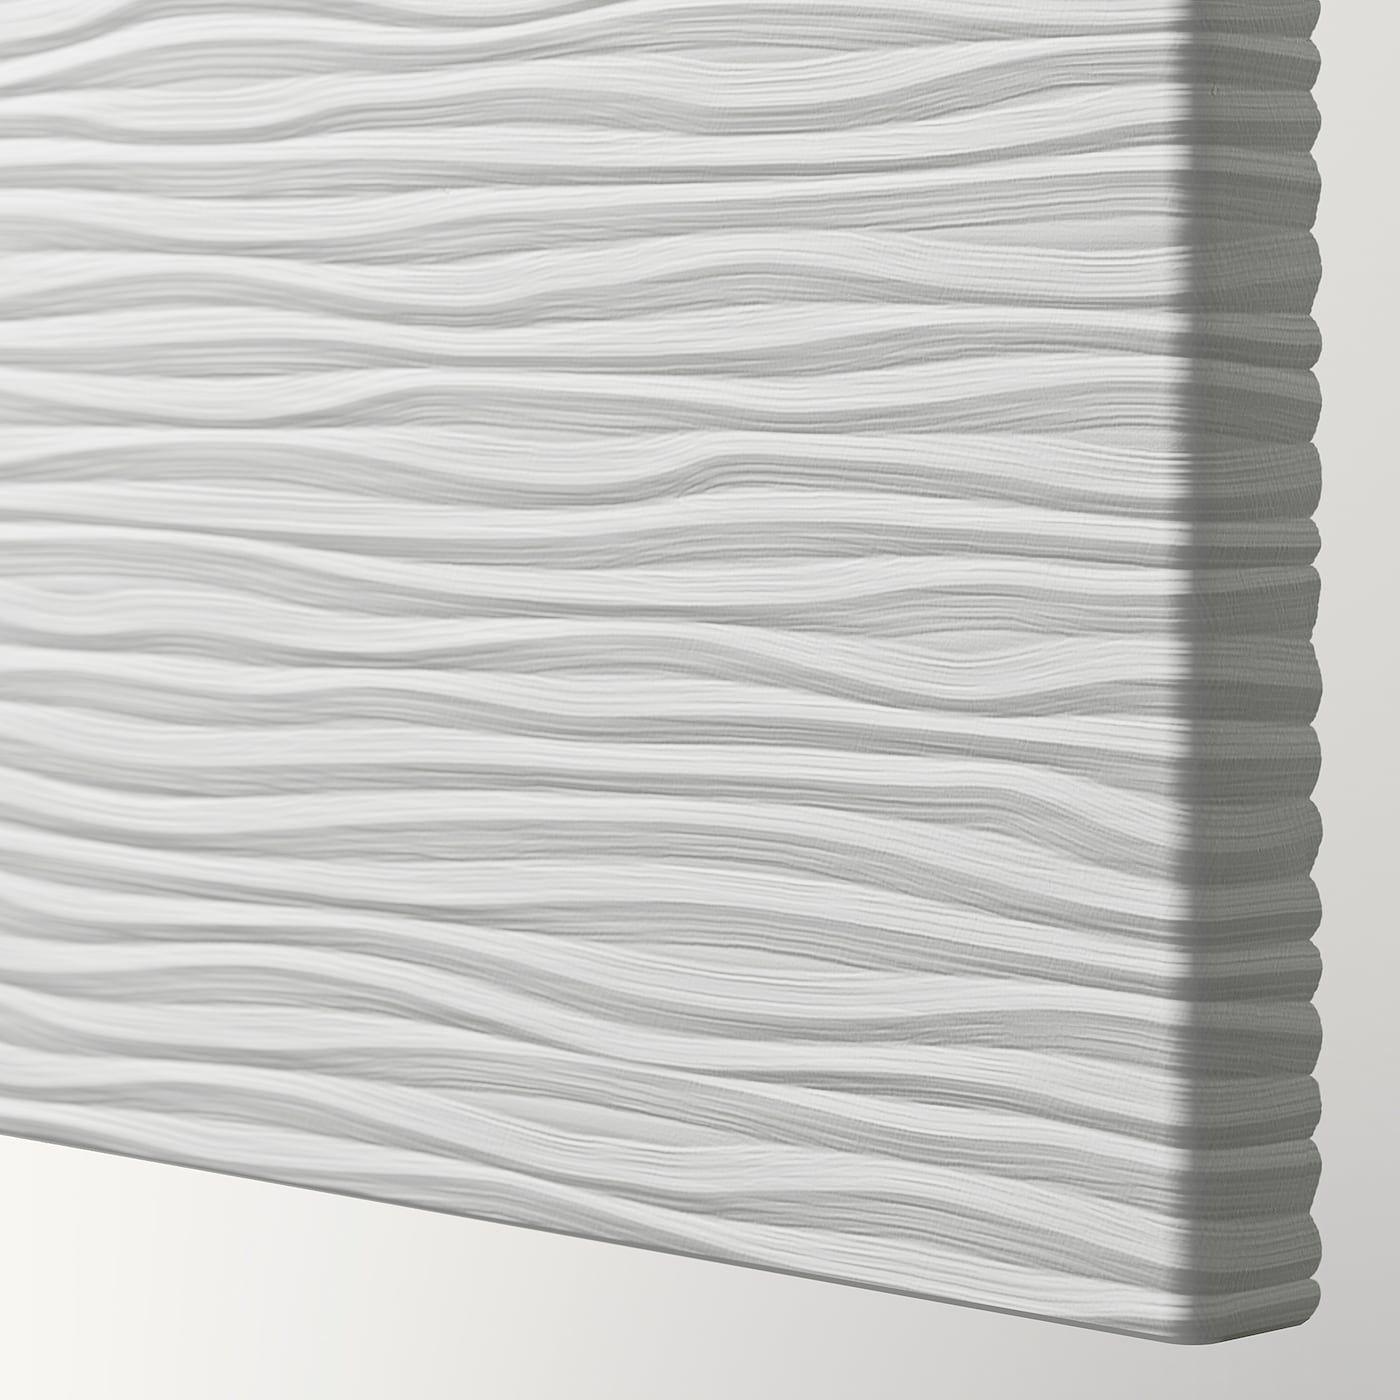 VINTERBRO Door with hinges, white, 19 5/8x76 3/4